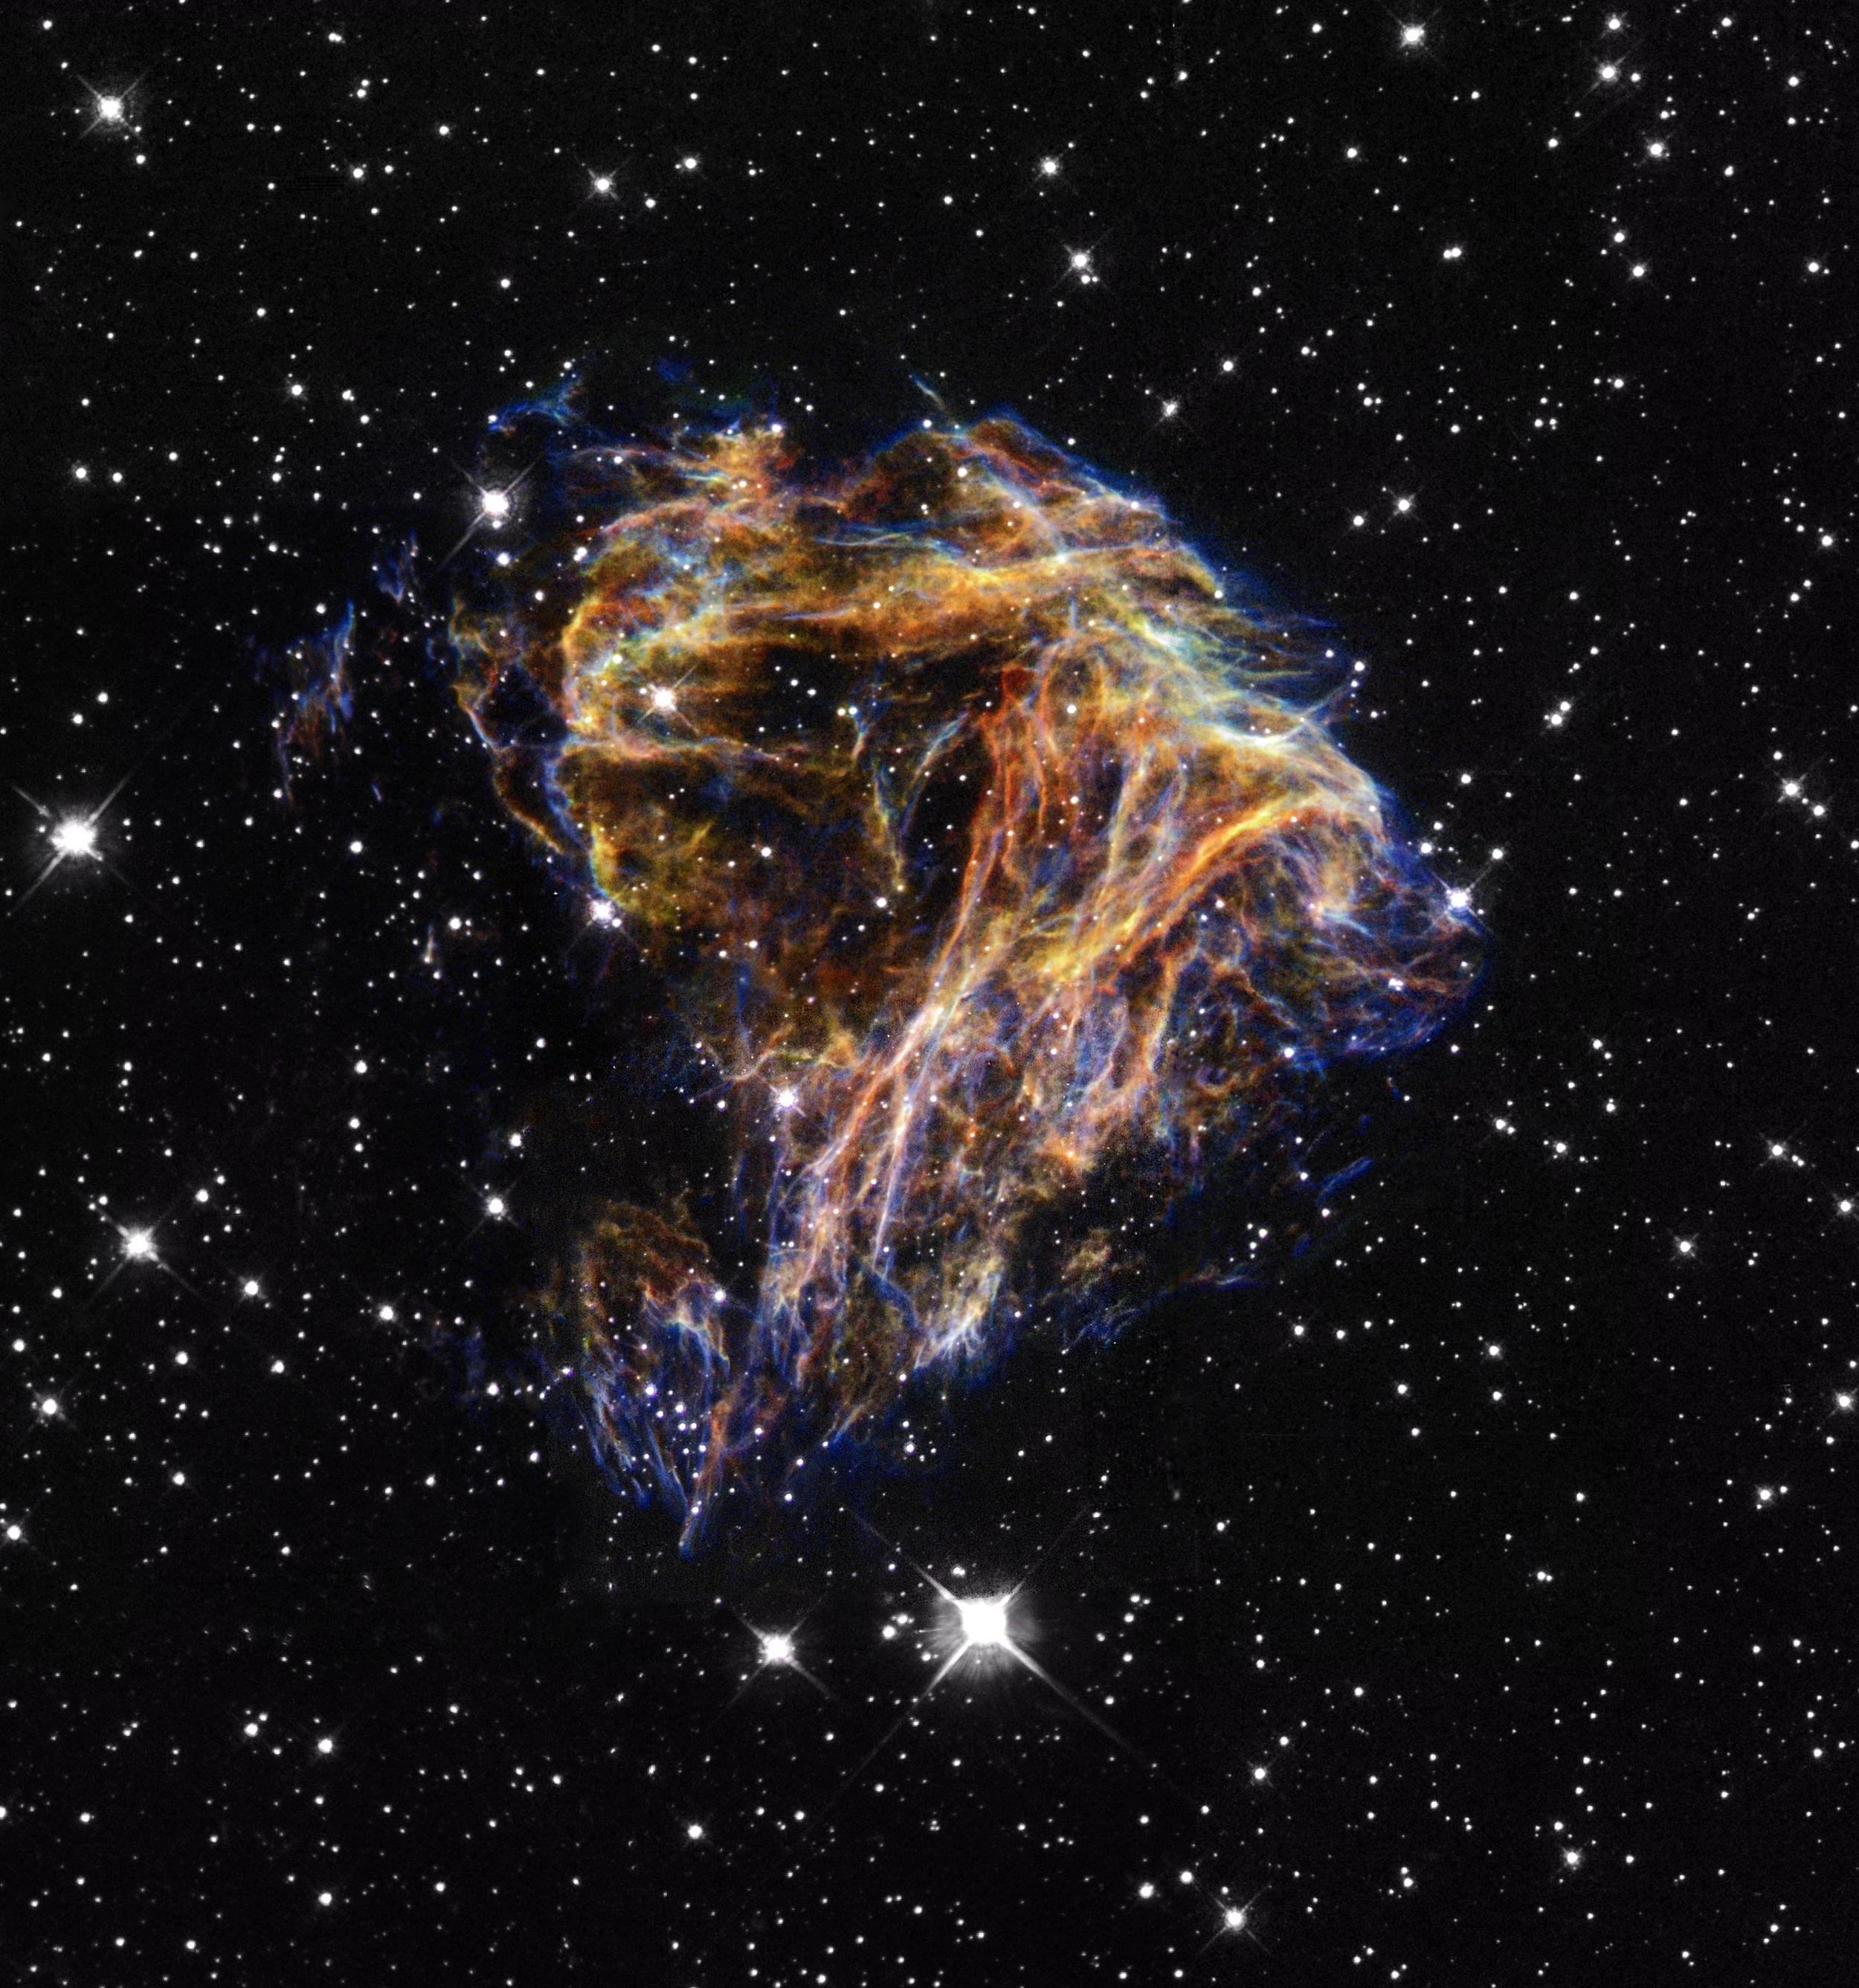 cosmic blast n49 - nasa